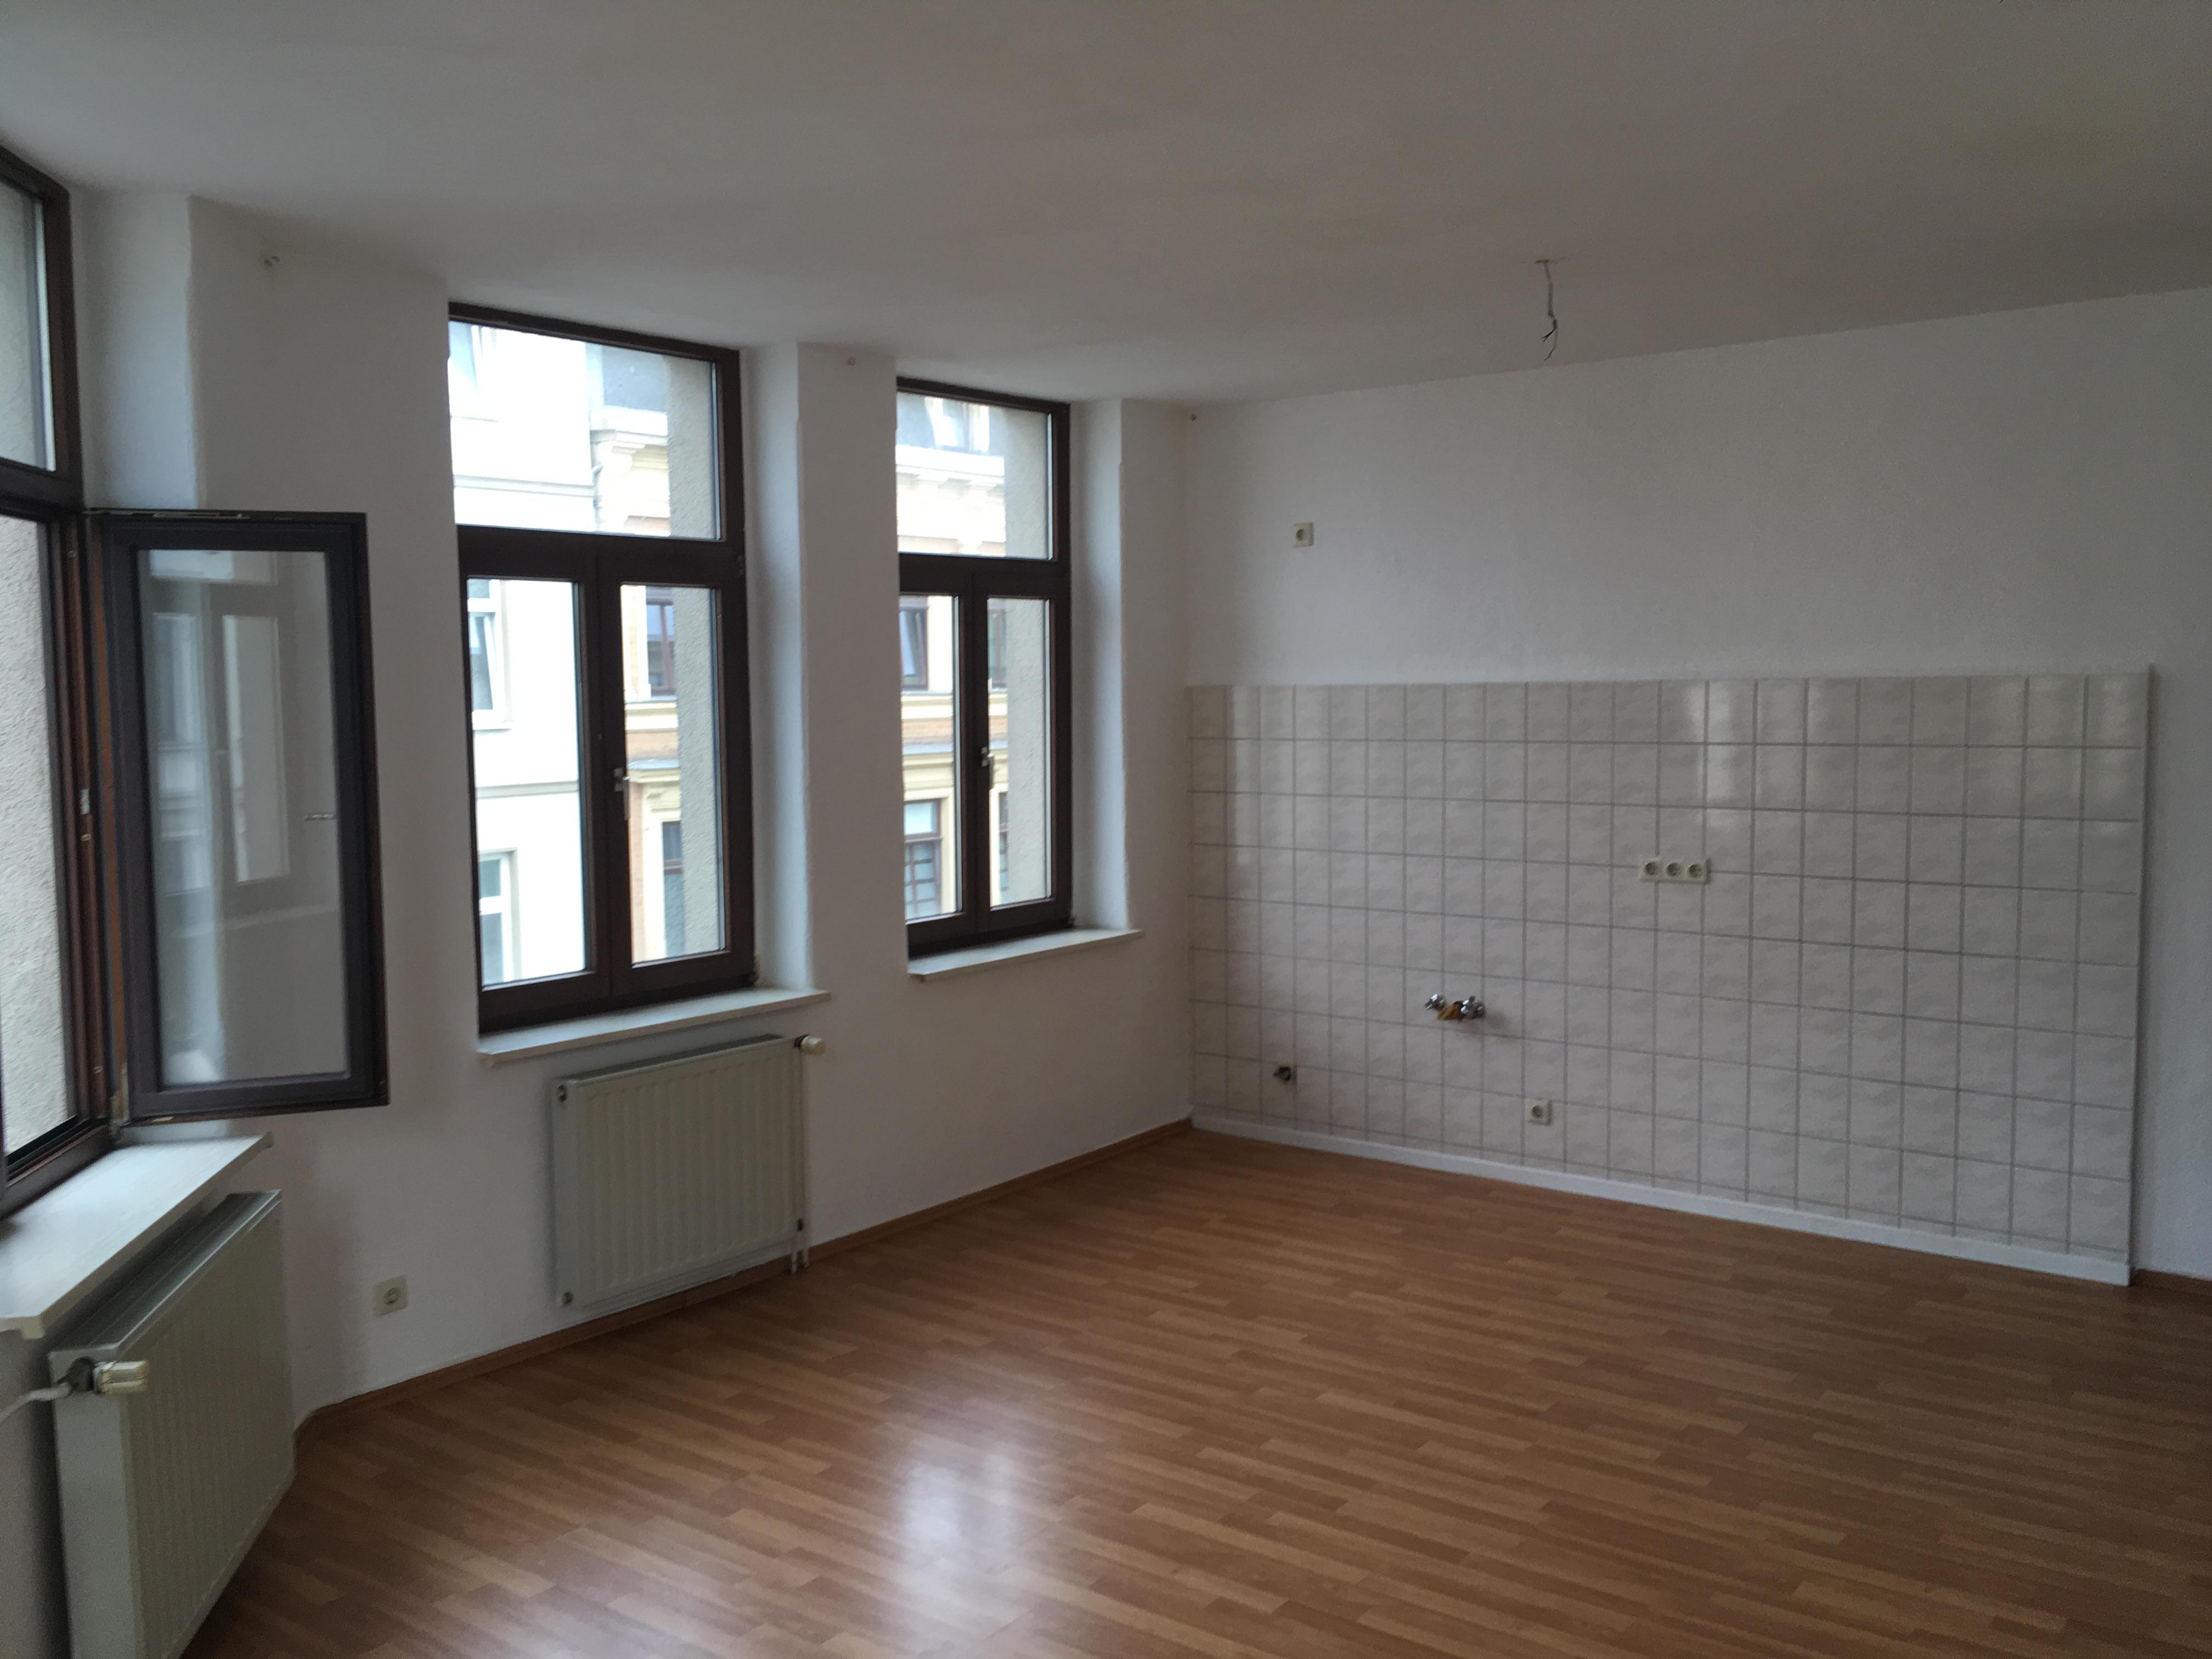 Foto - Wohnzimmer mit Küche